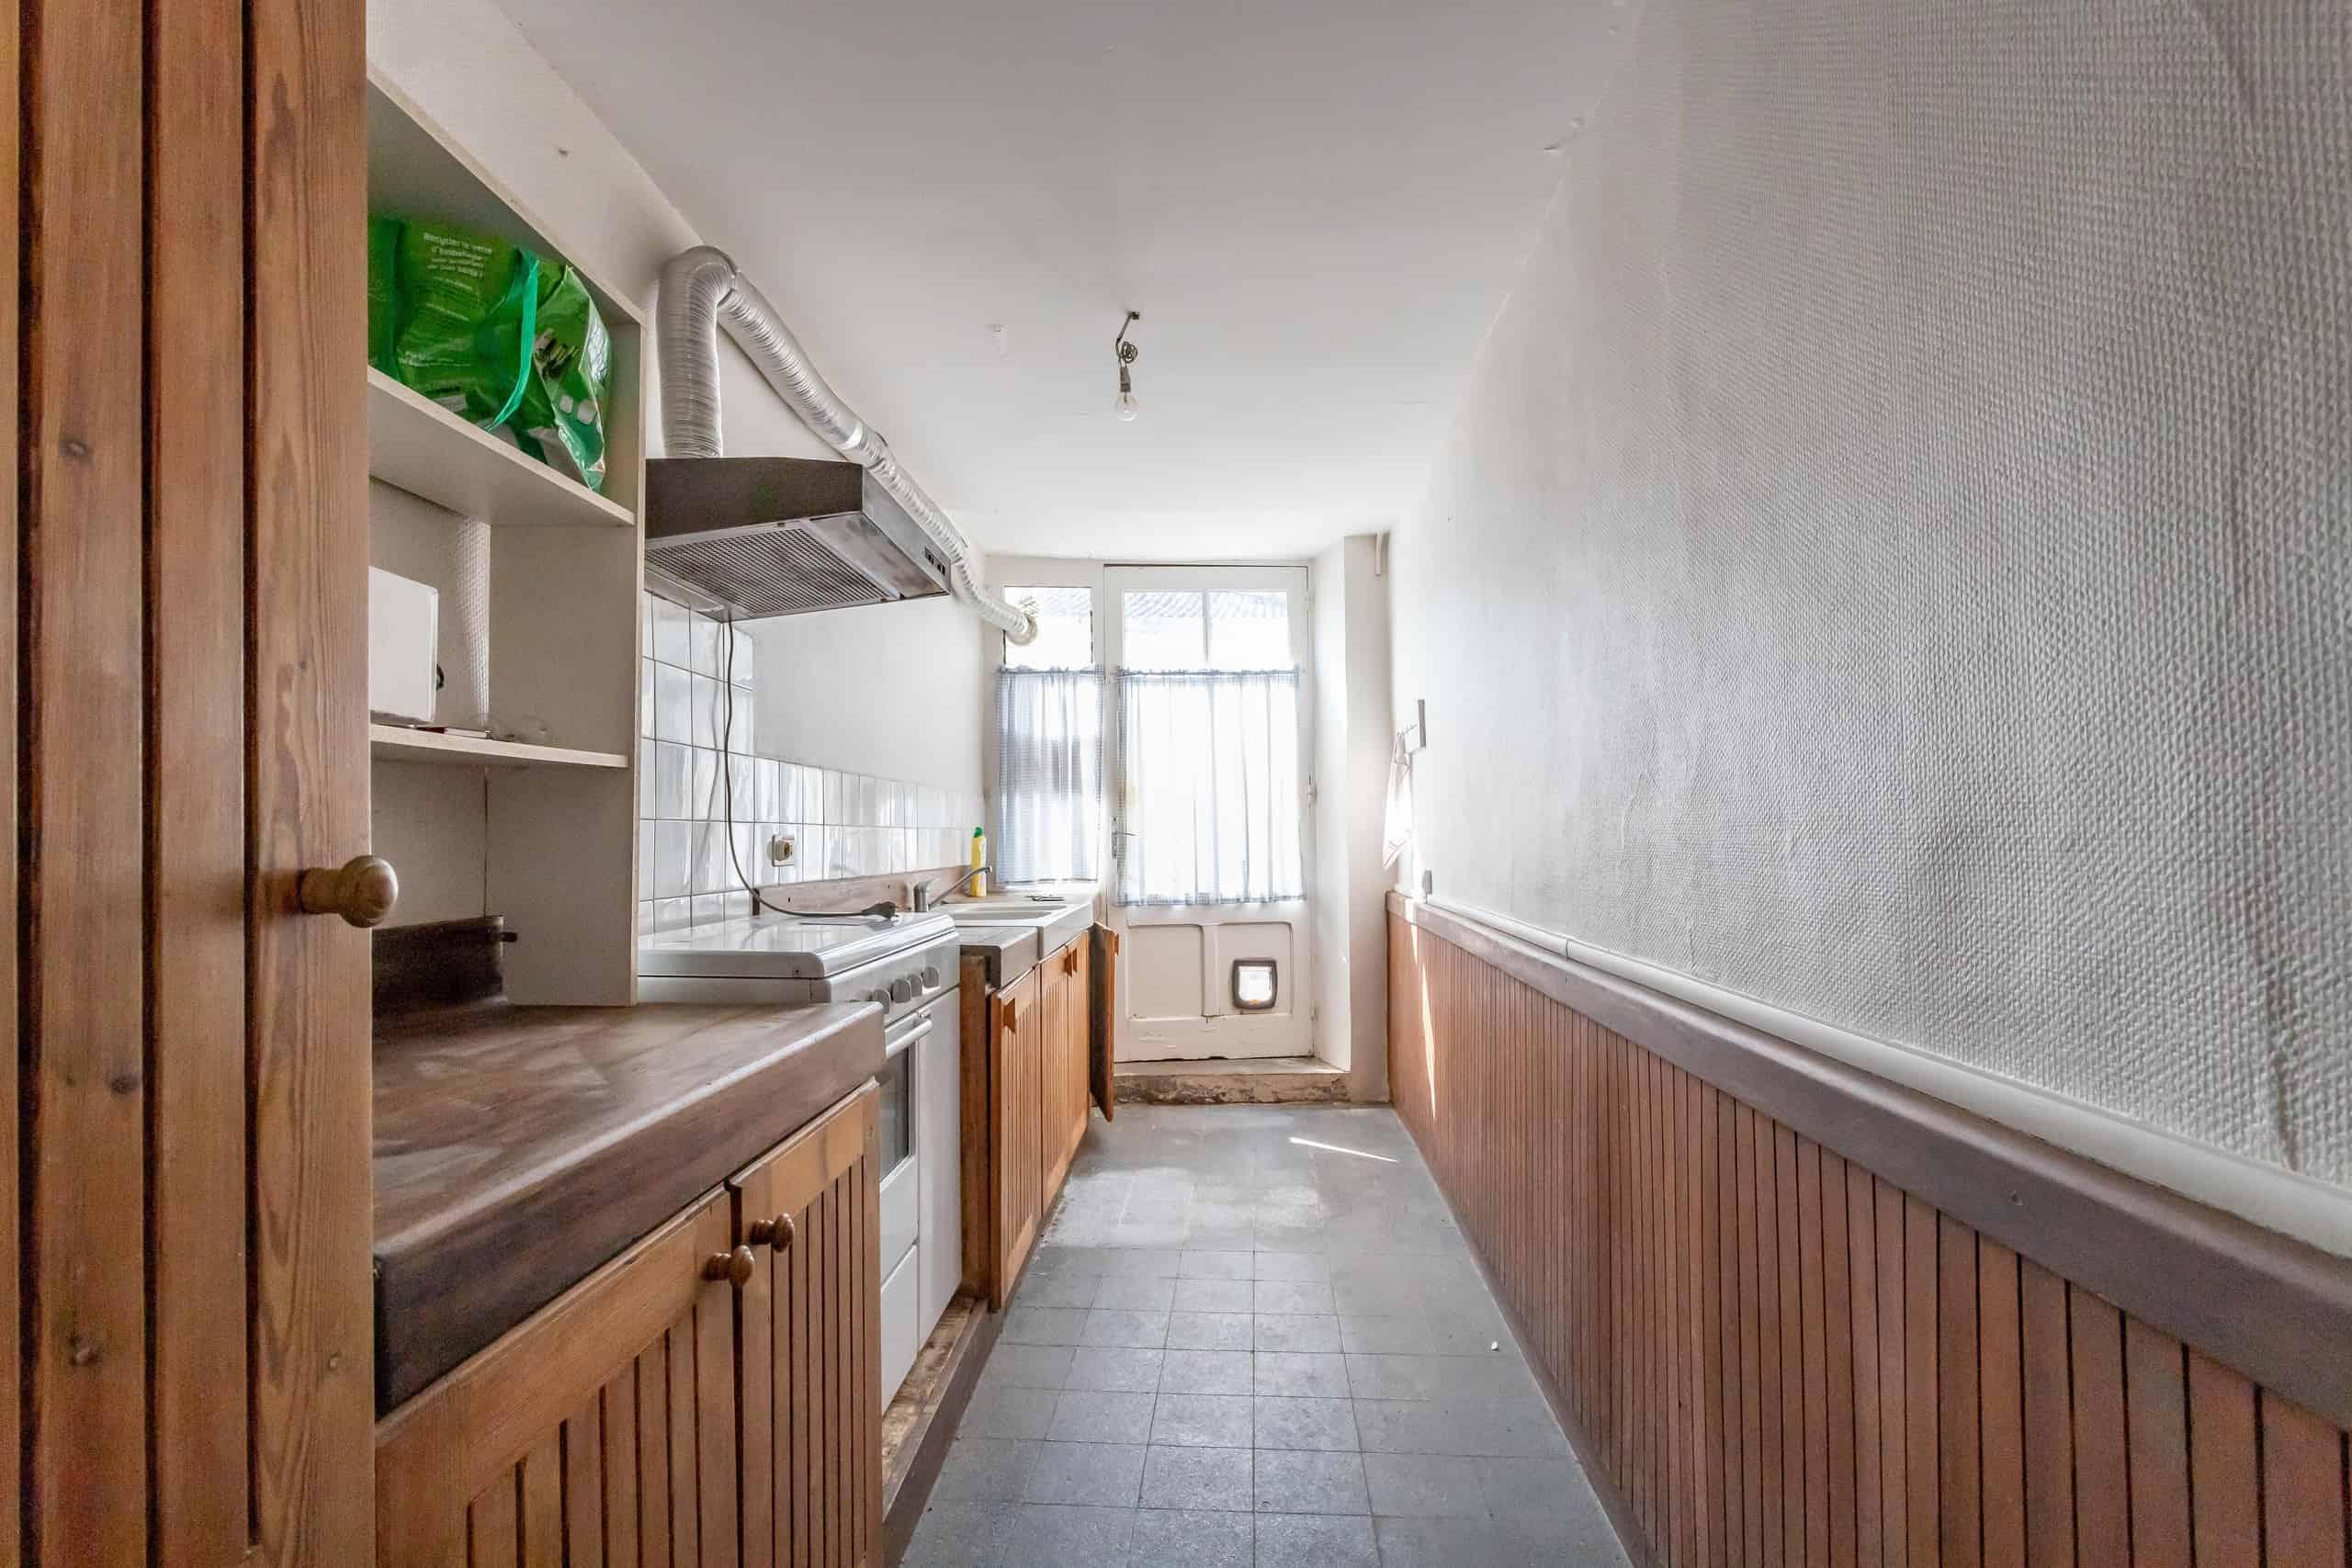 Kitchen-window-WMC097